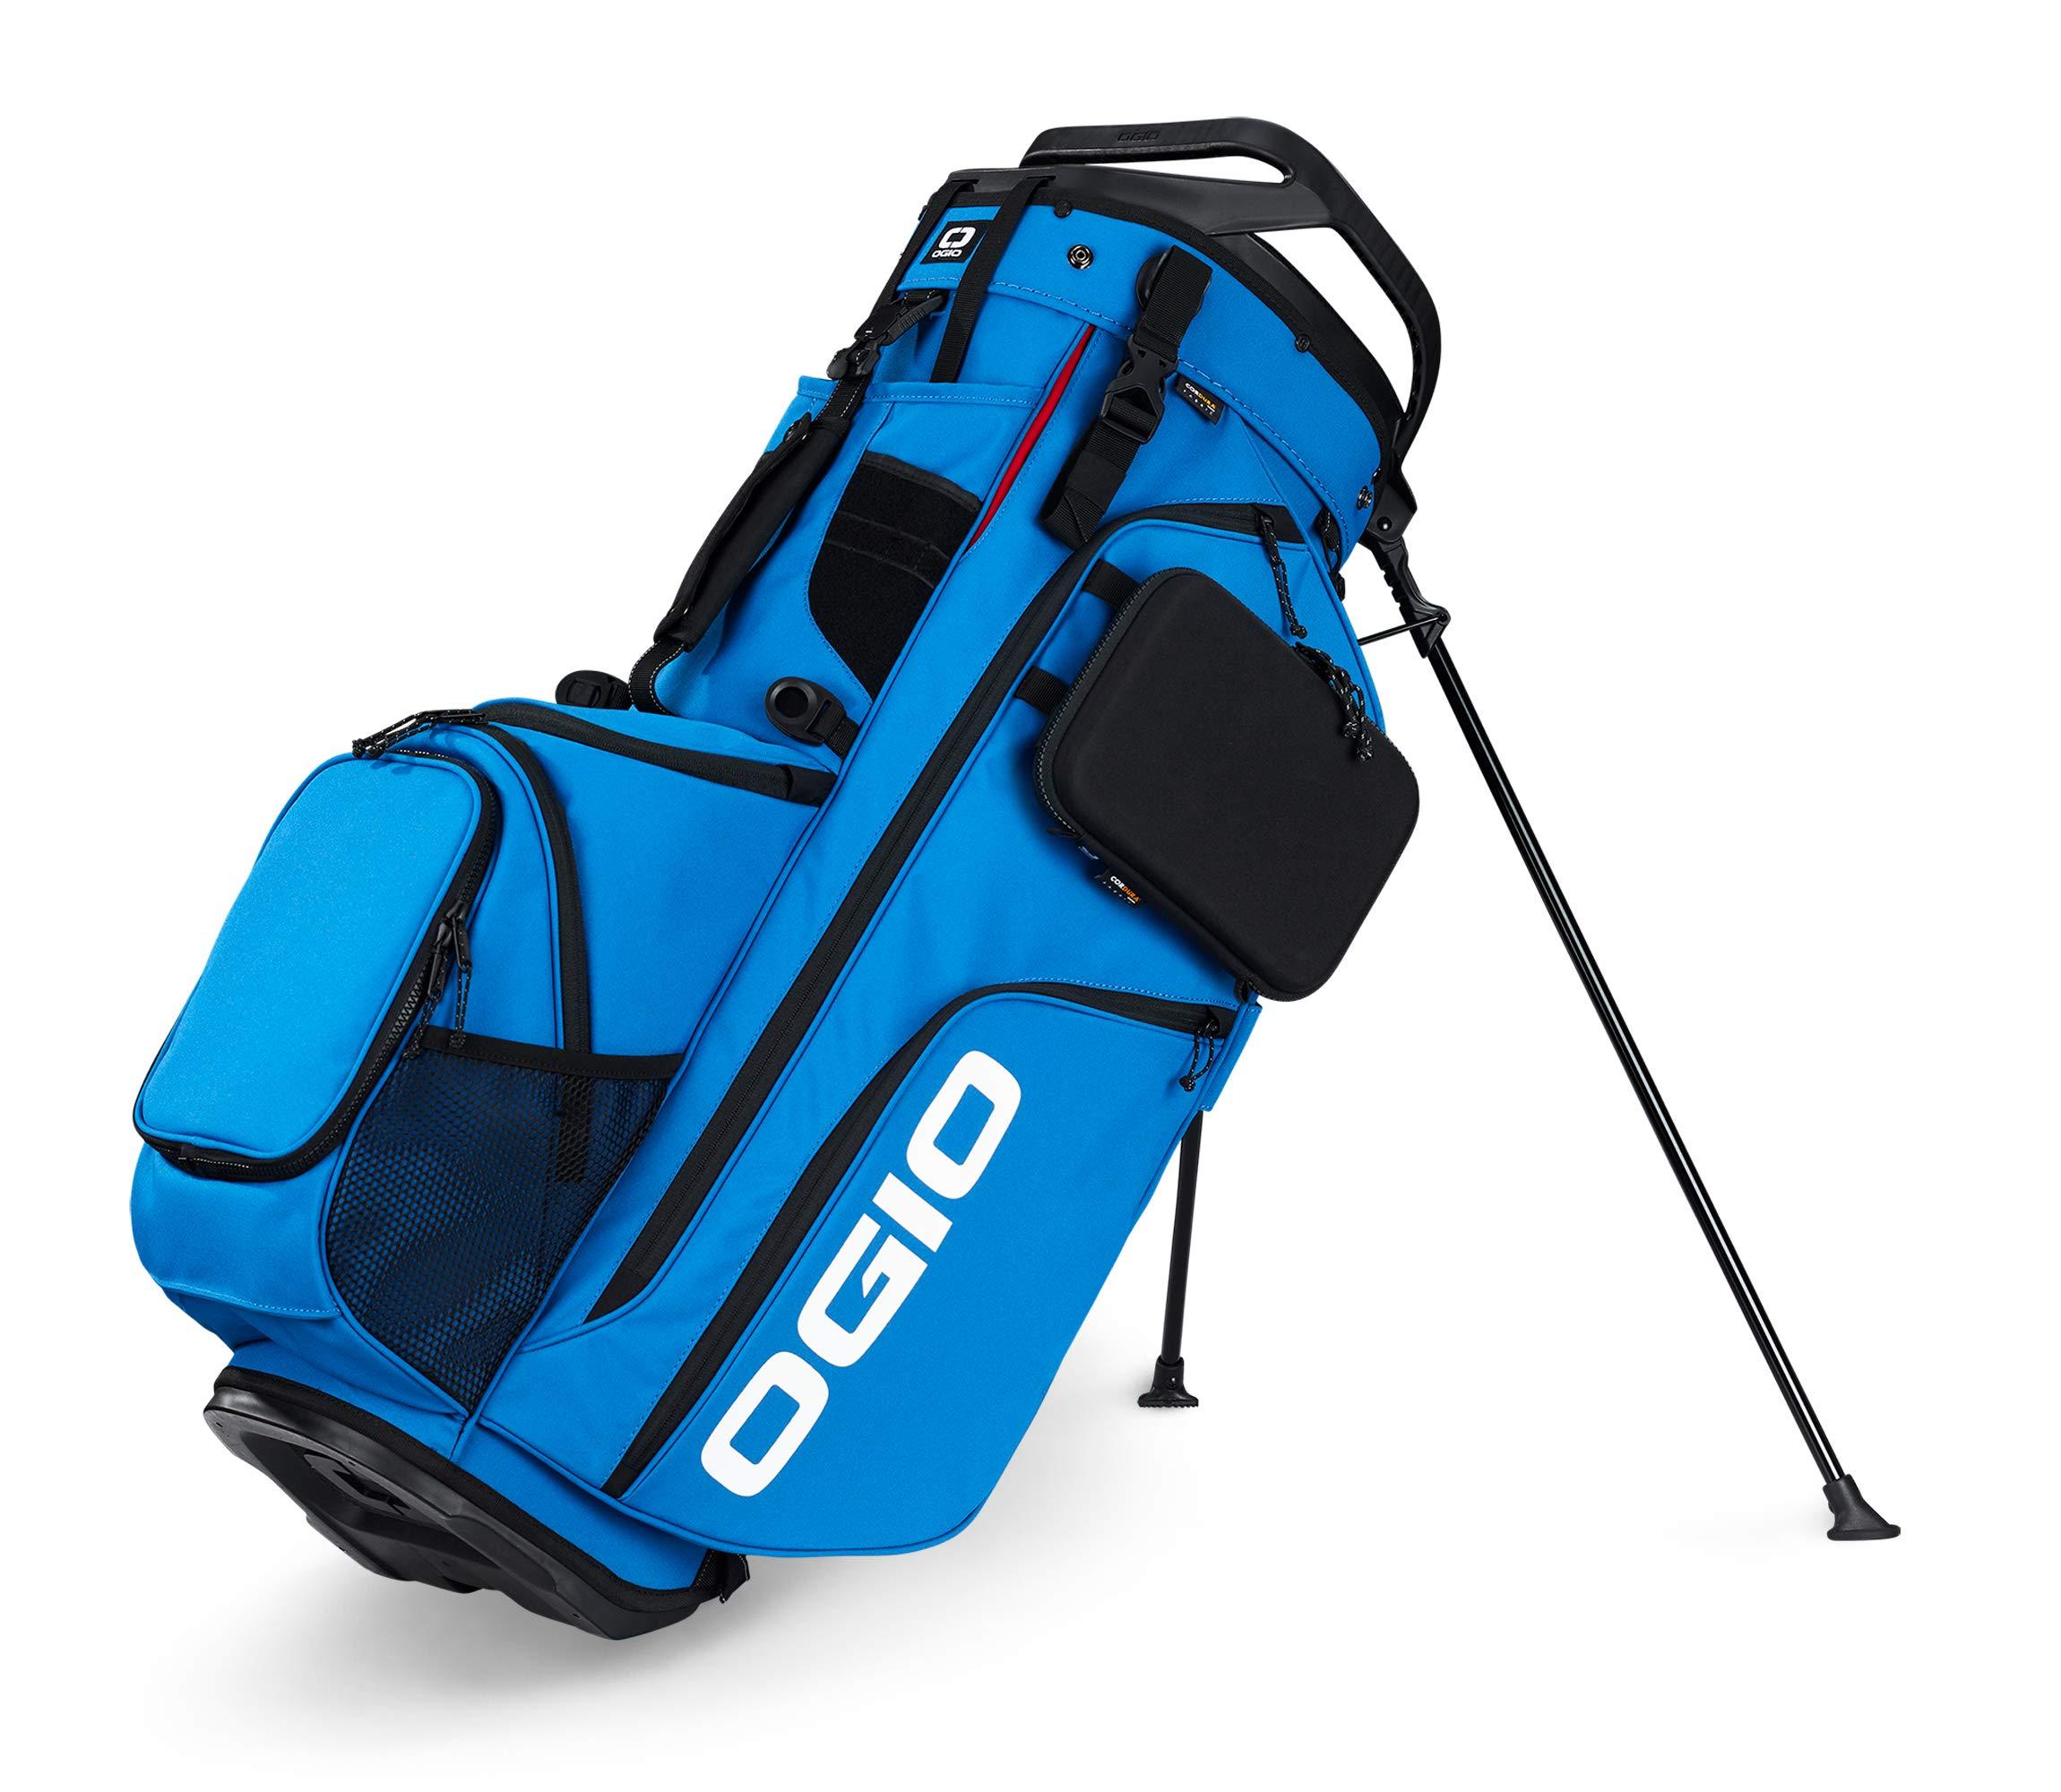 OGIO ALPHA Convoy 514 Golf Stand Bag, Royal Blue by OGIO